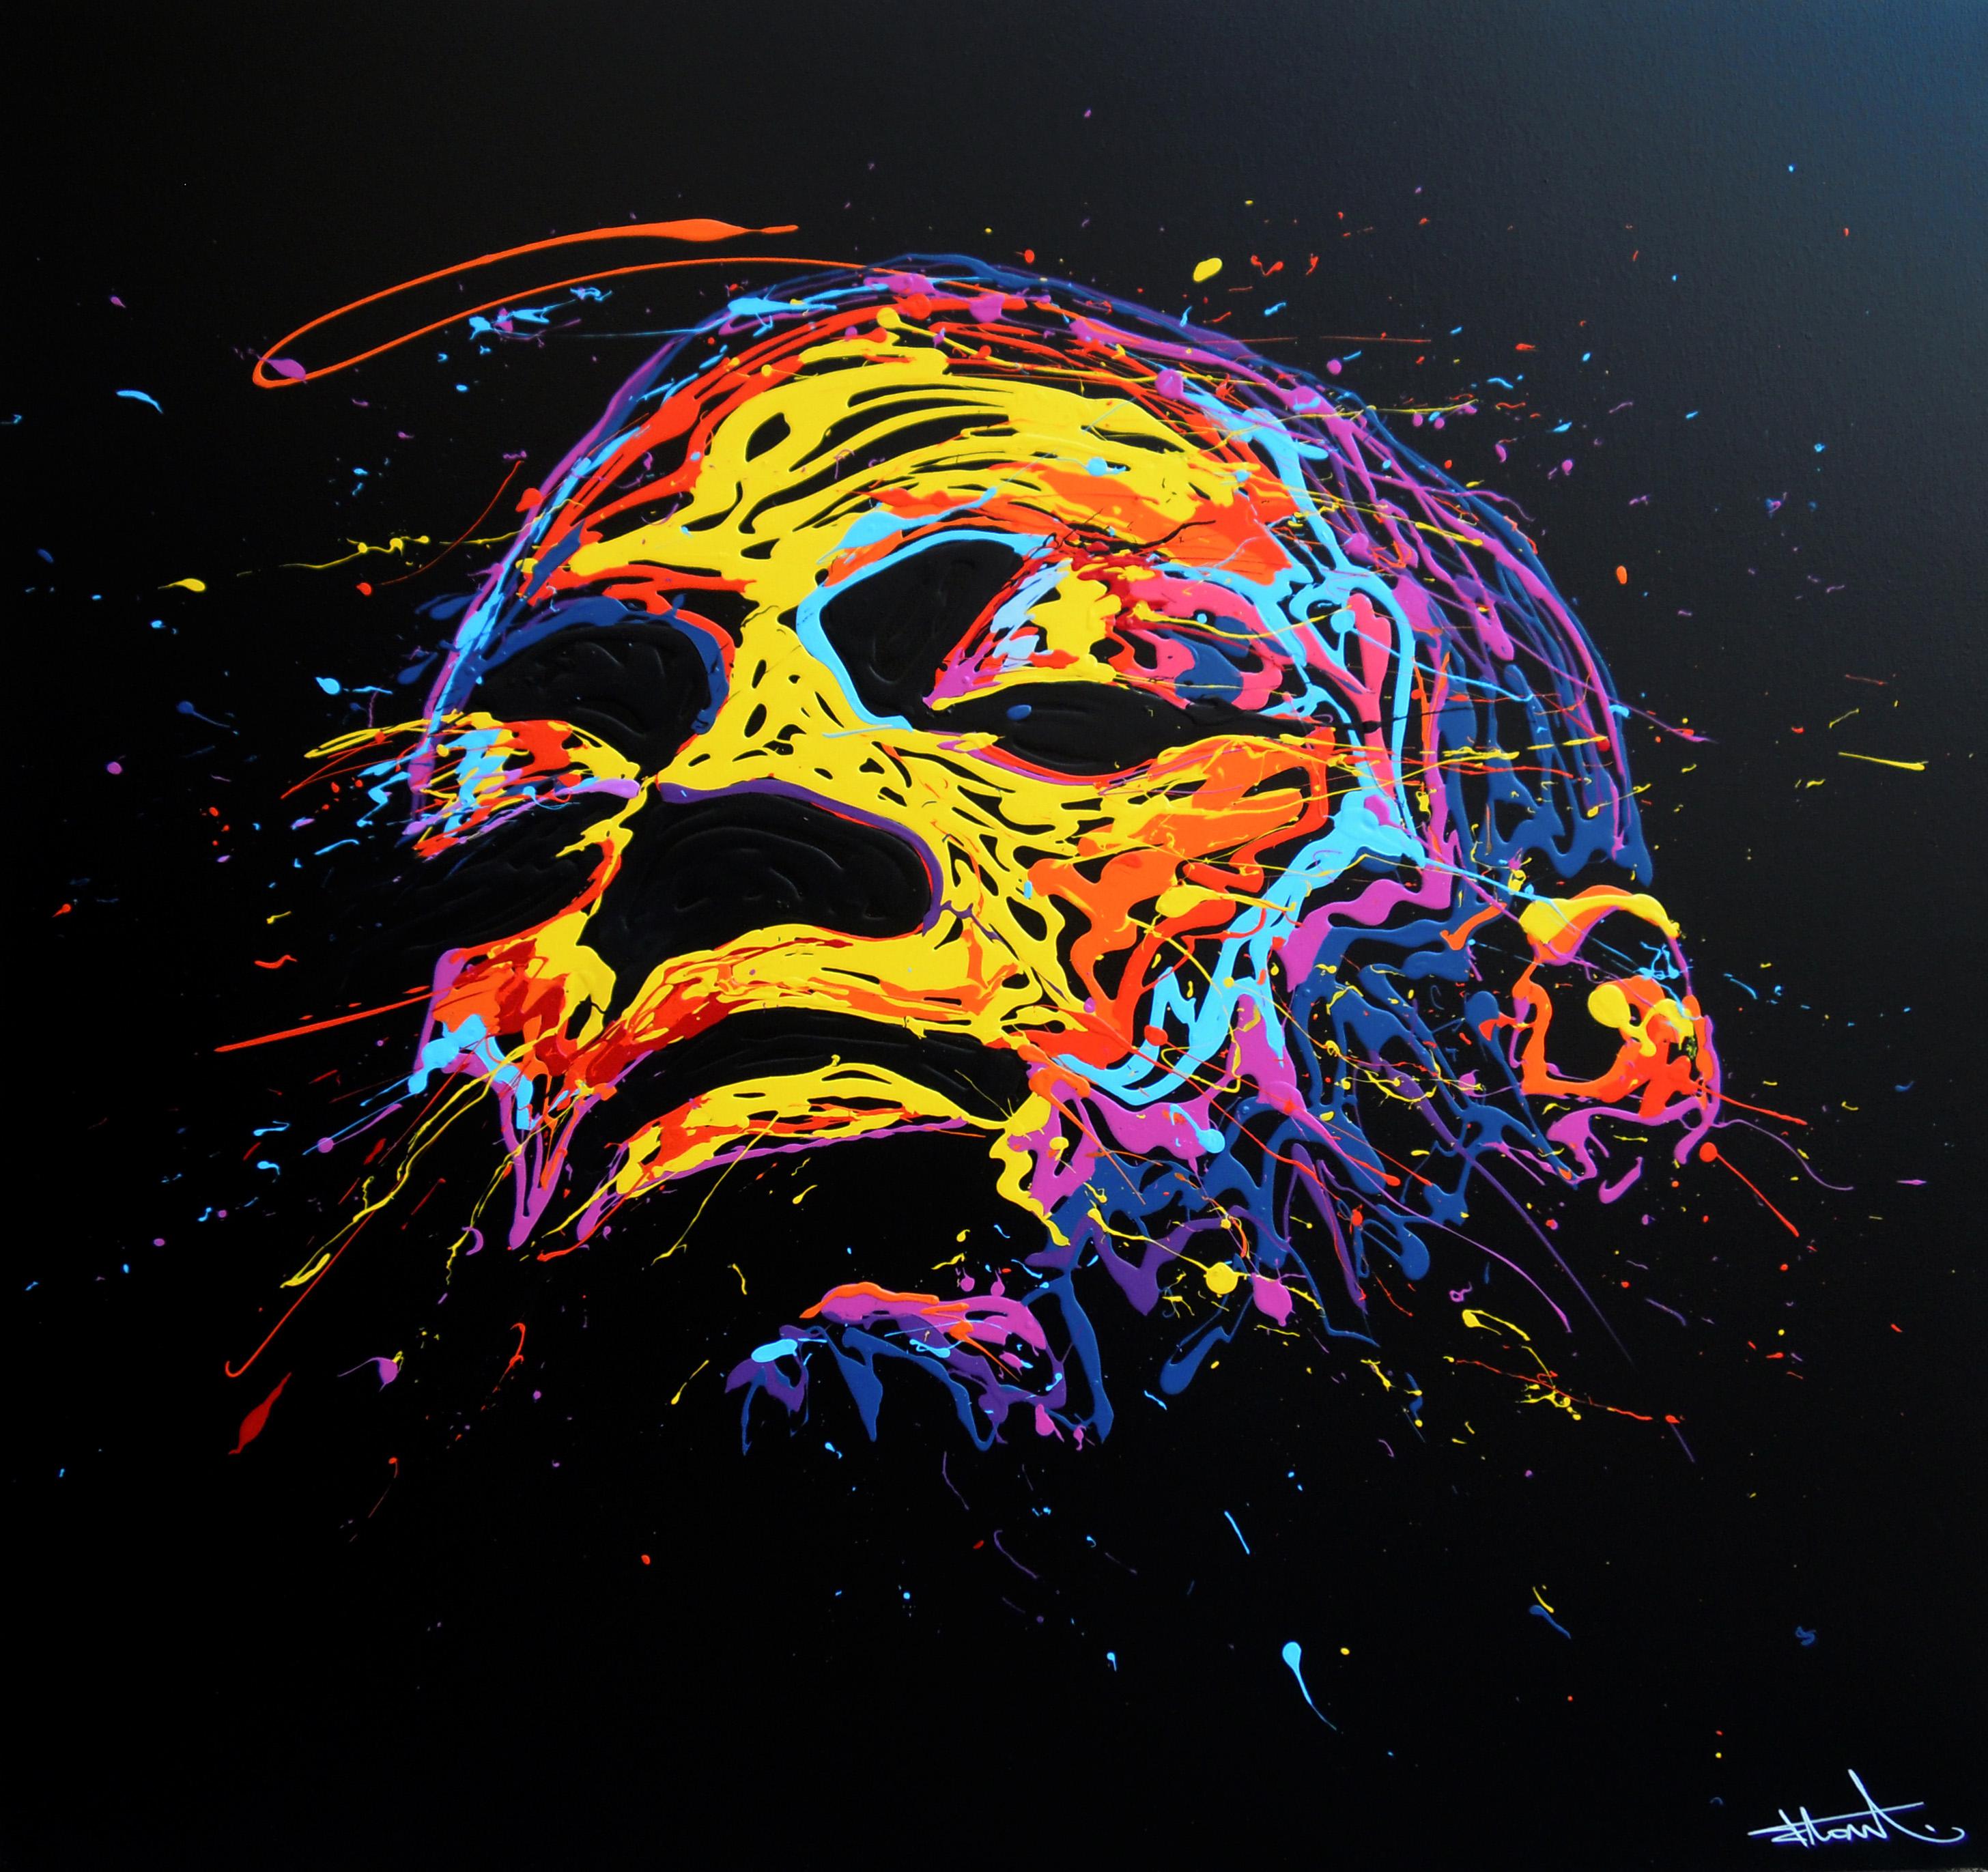 https://www.galerie-saint-martin.com/artistes/flow/